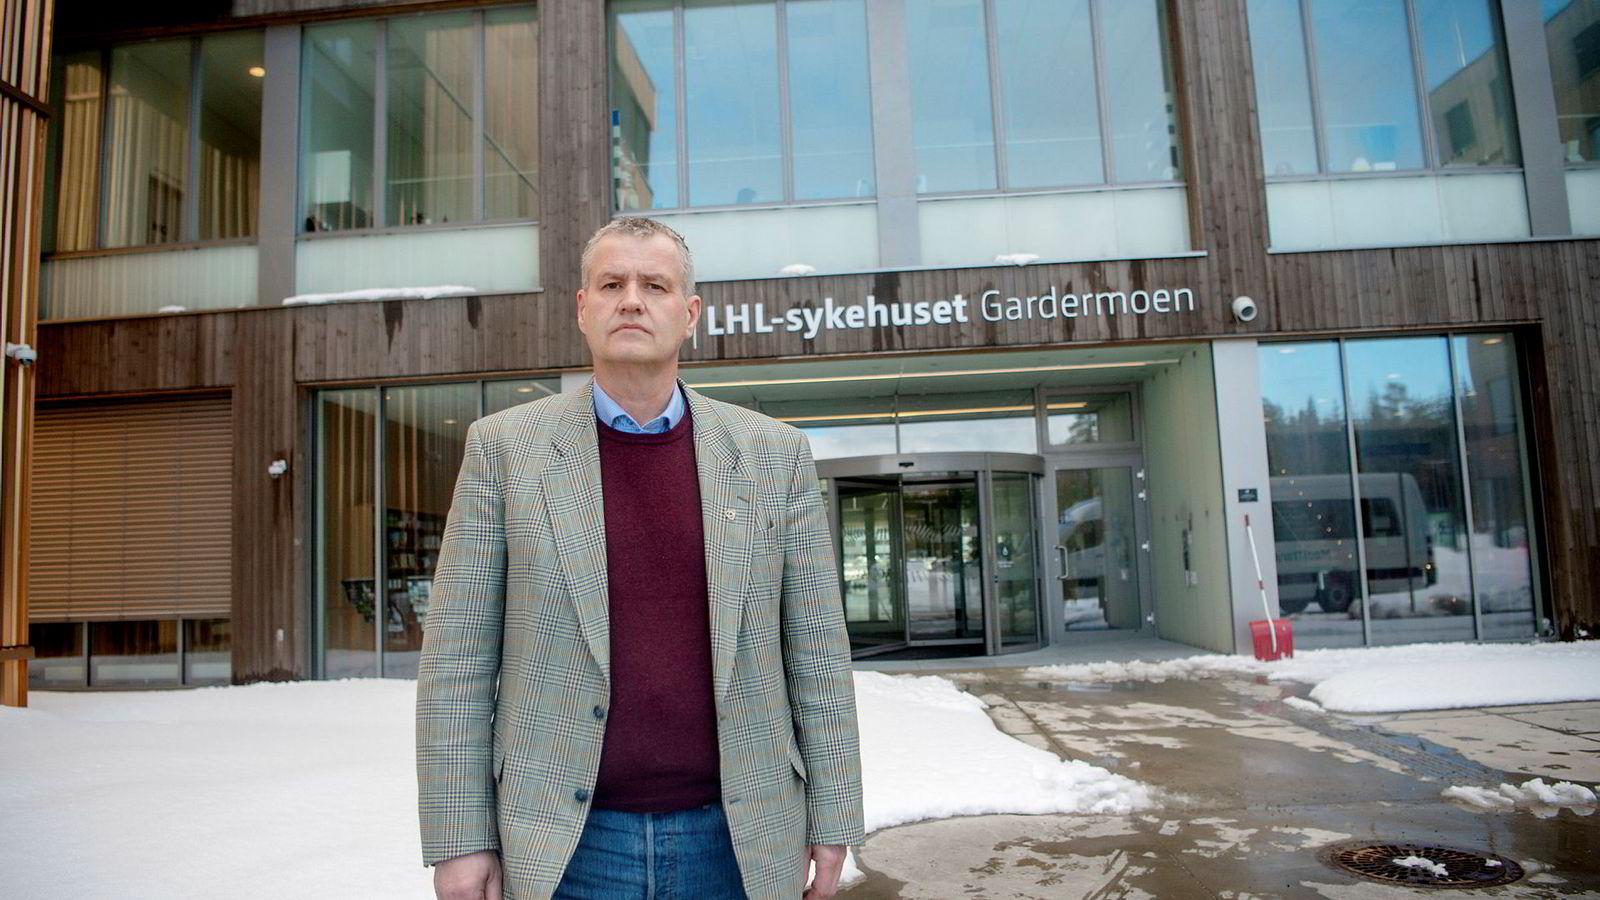 Frode Jahren er generalsekretær i Landsforeningen for hjerte og lungesyke. Her er han på LHL-sykehuset Gardermoen, der det onsdag var krisemøte om økonomien til organisasjonen.